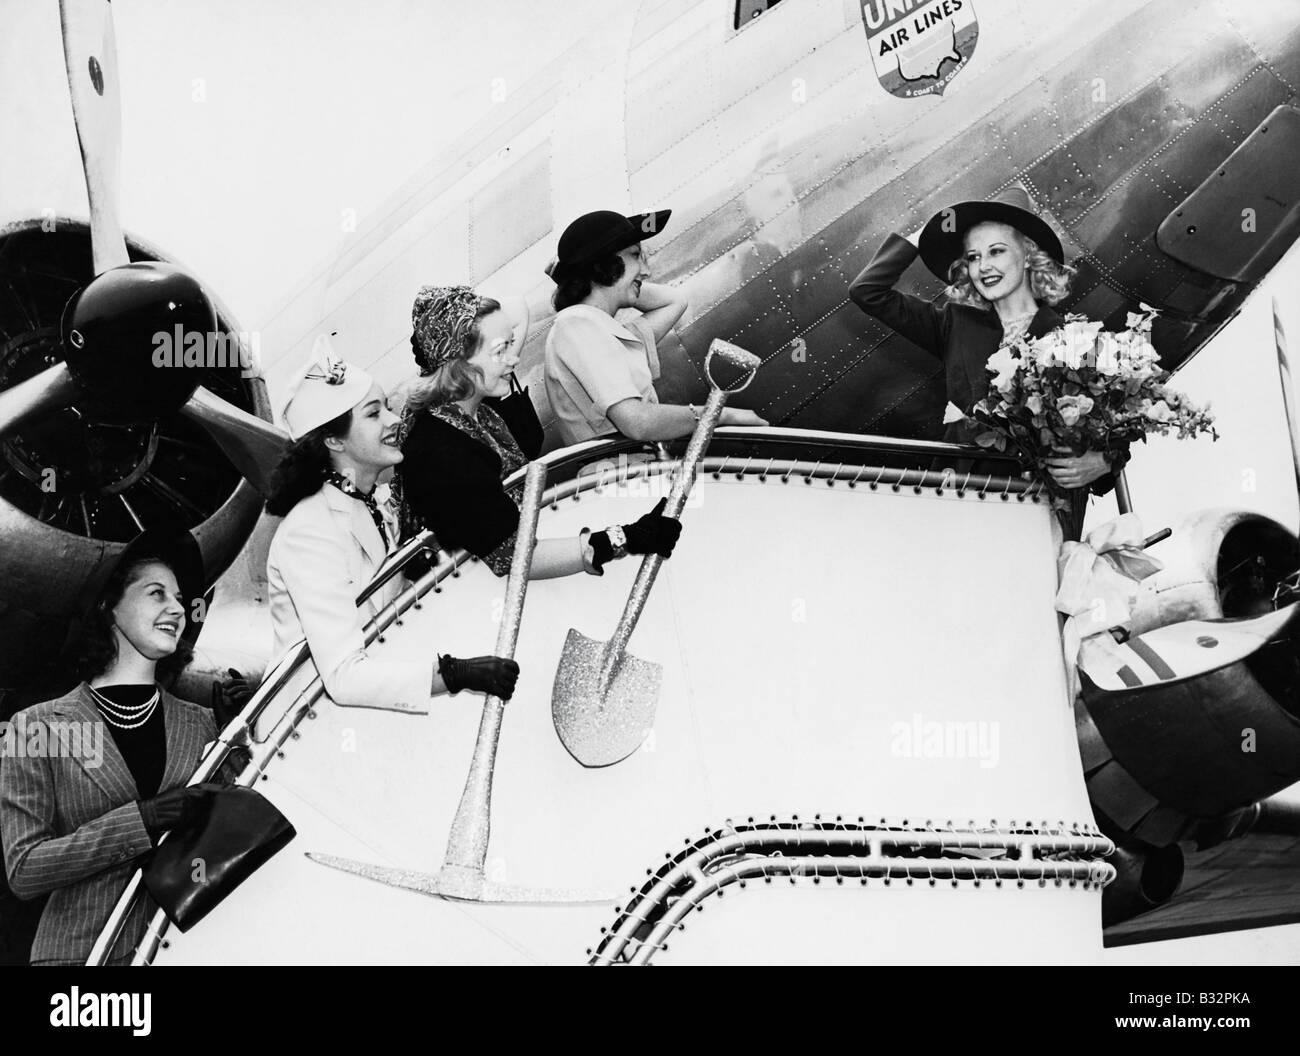 Women sending off friend boarding plane - Stock Image